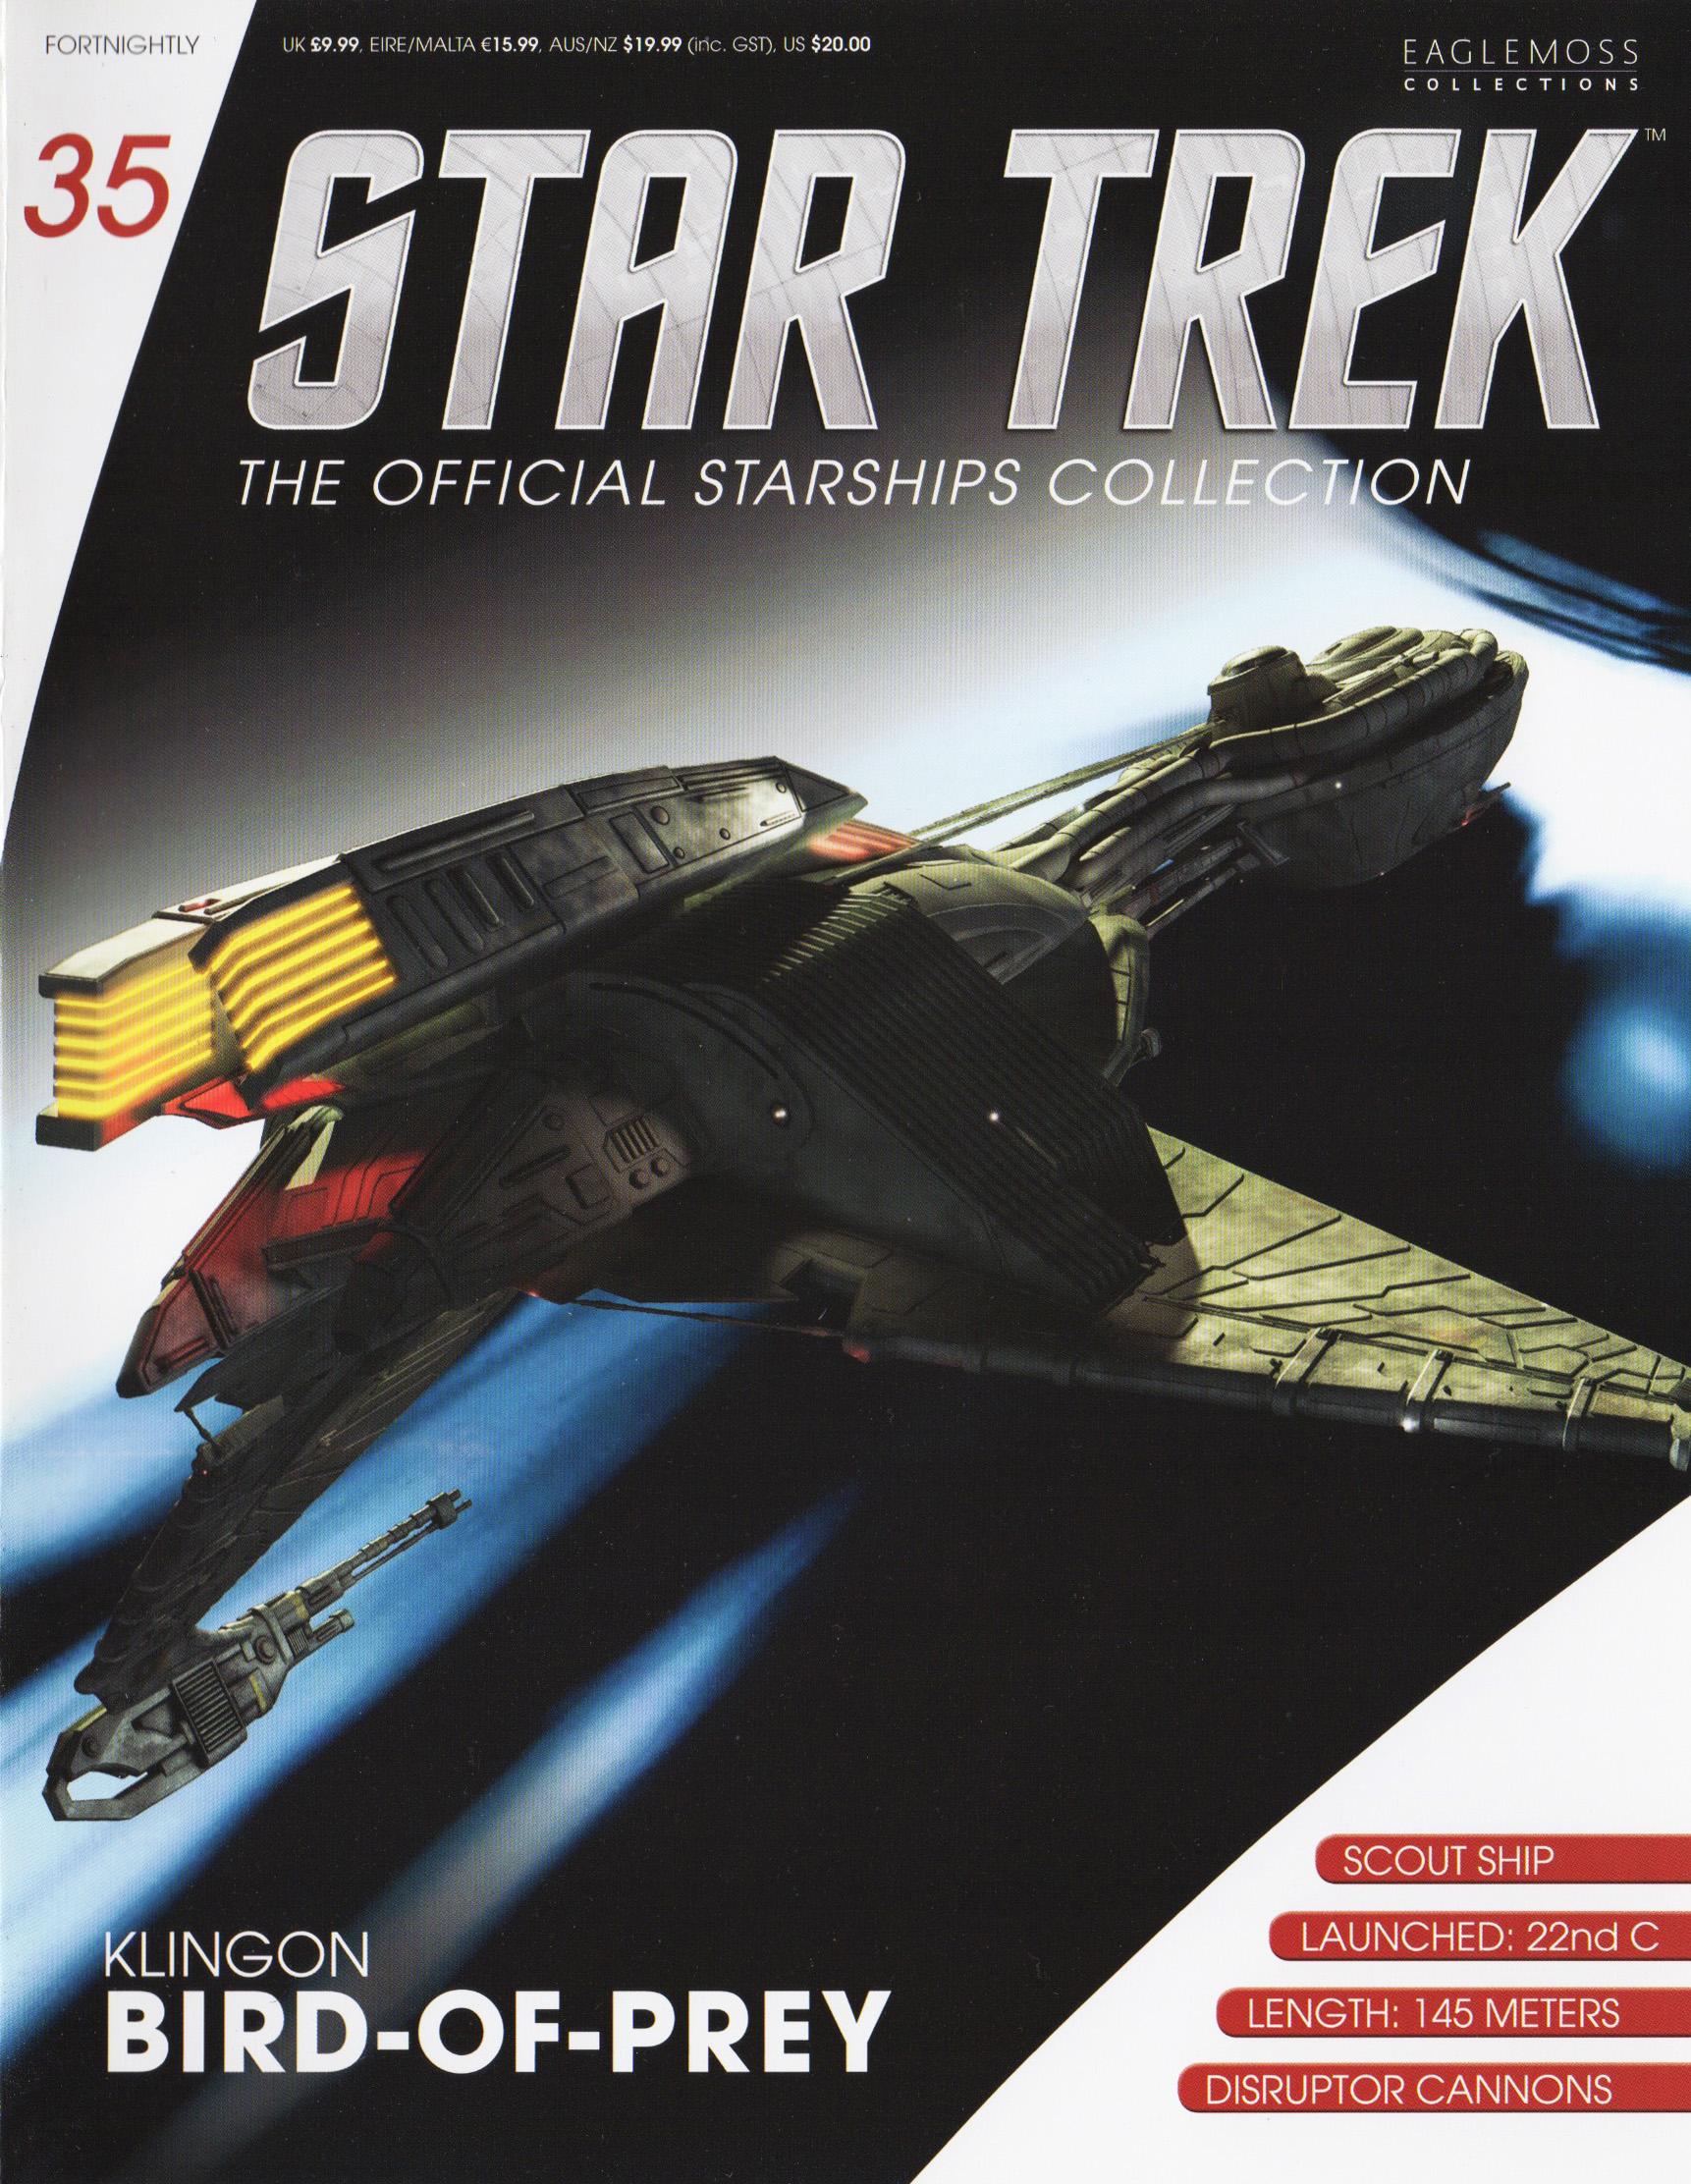 Star Trek Eaglemoss Issue 35 Klingon BoP model with Magazine